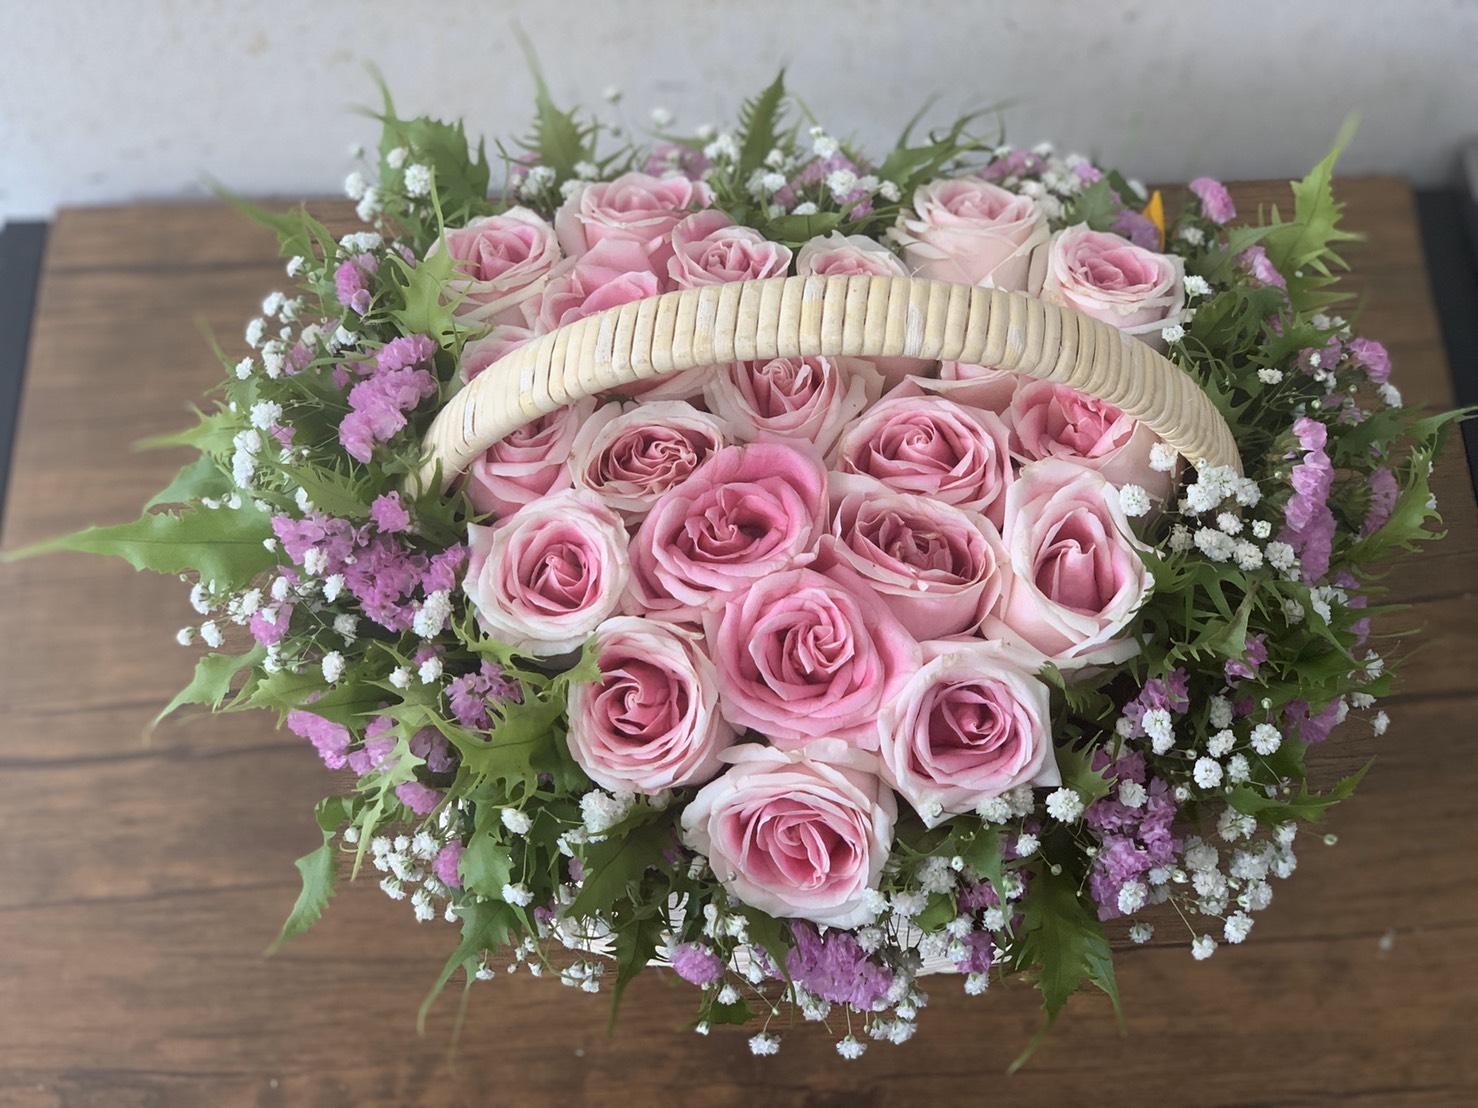 กระเช้าดอกกุหลาบสวย ๆ รายล้อมด้วยดอกยิปโซและดอกสแตติส